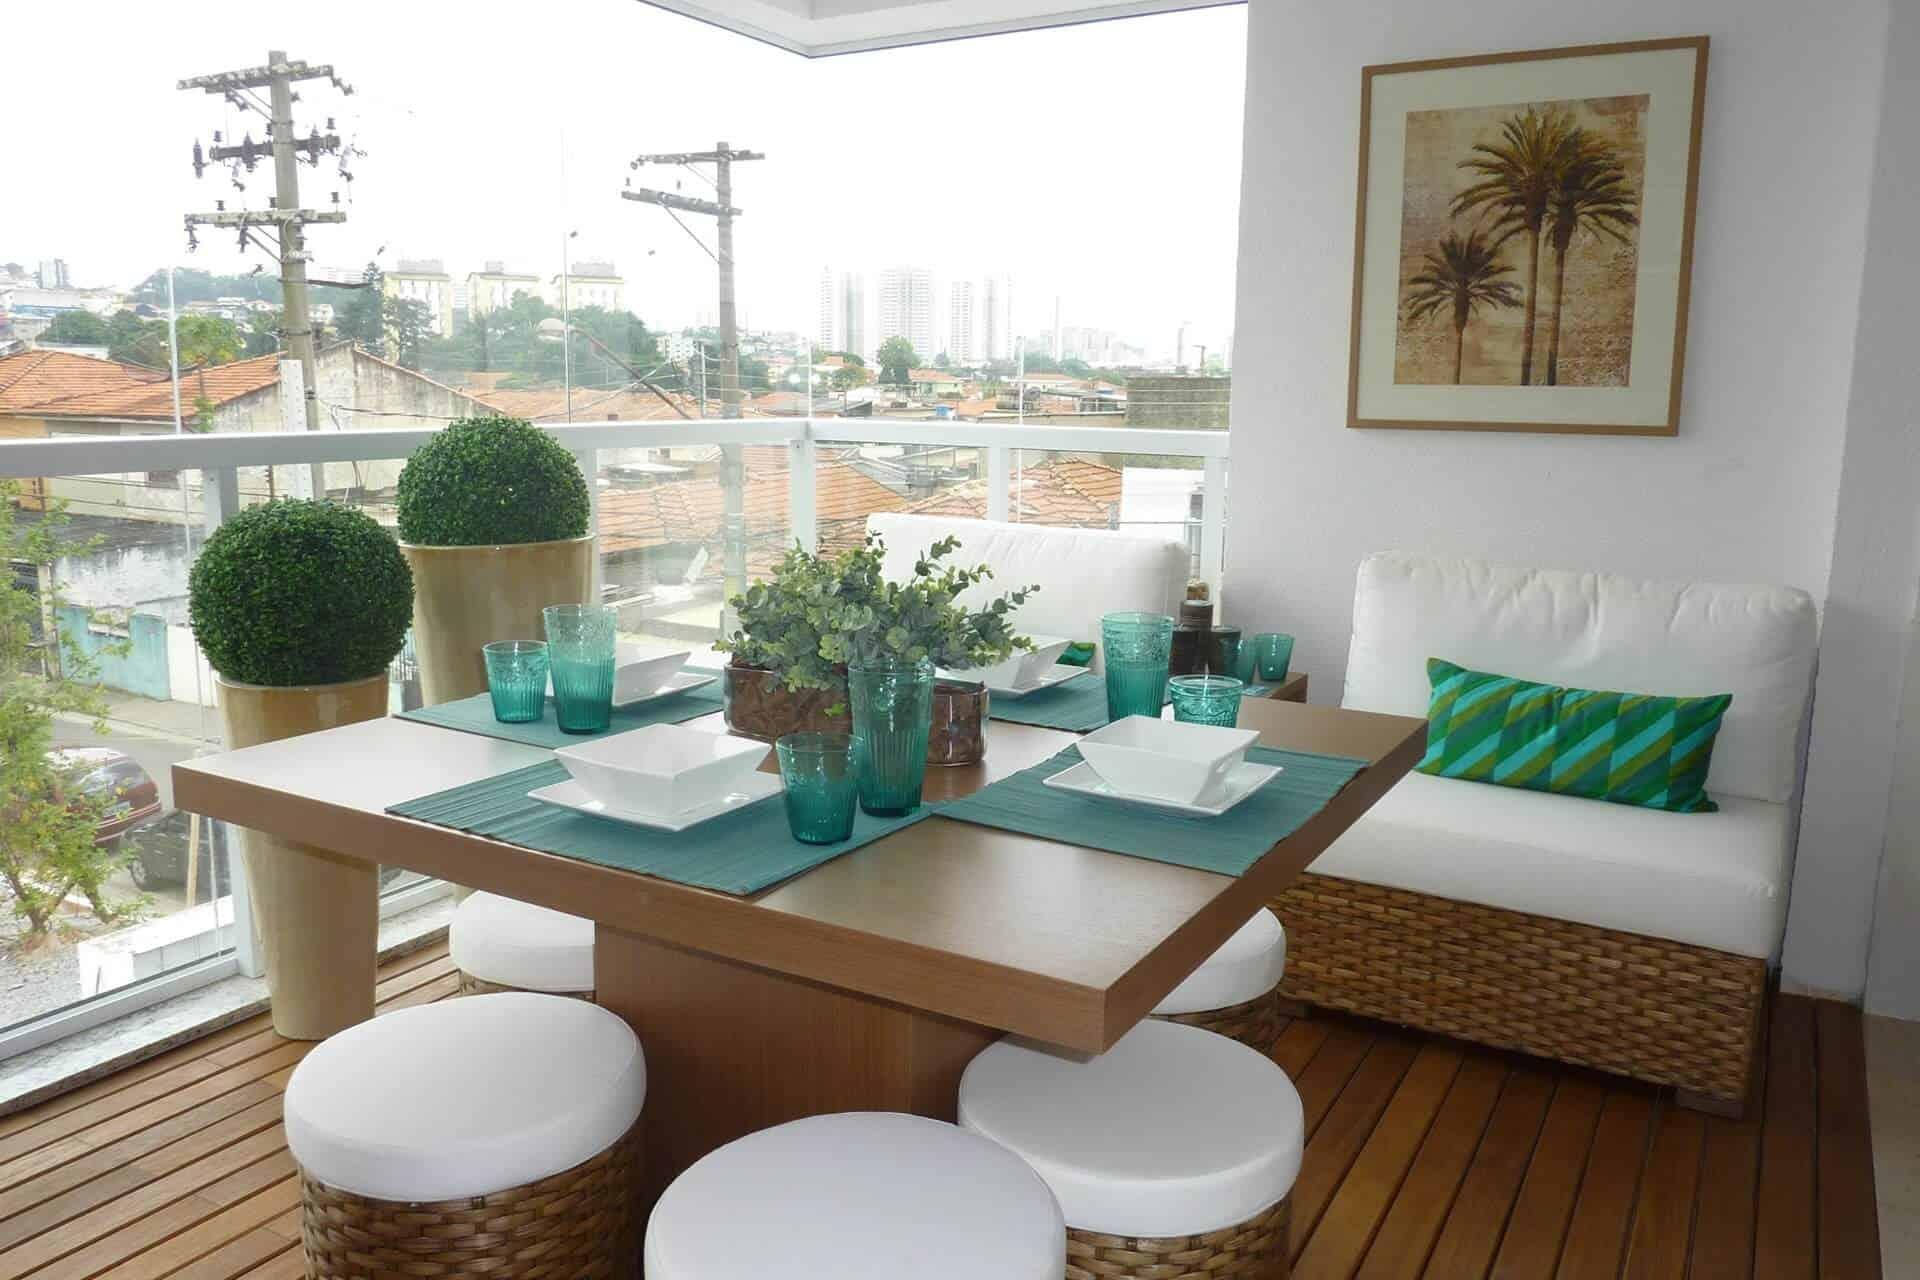 moveis-sob-medida_cozinhas-planejadas-galeria-105